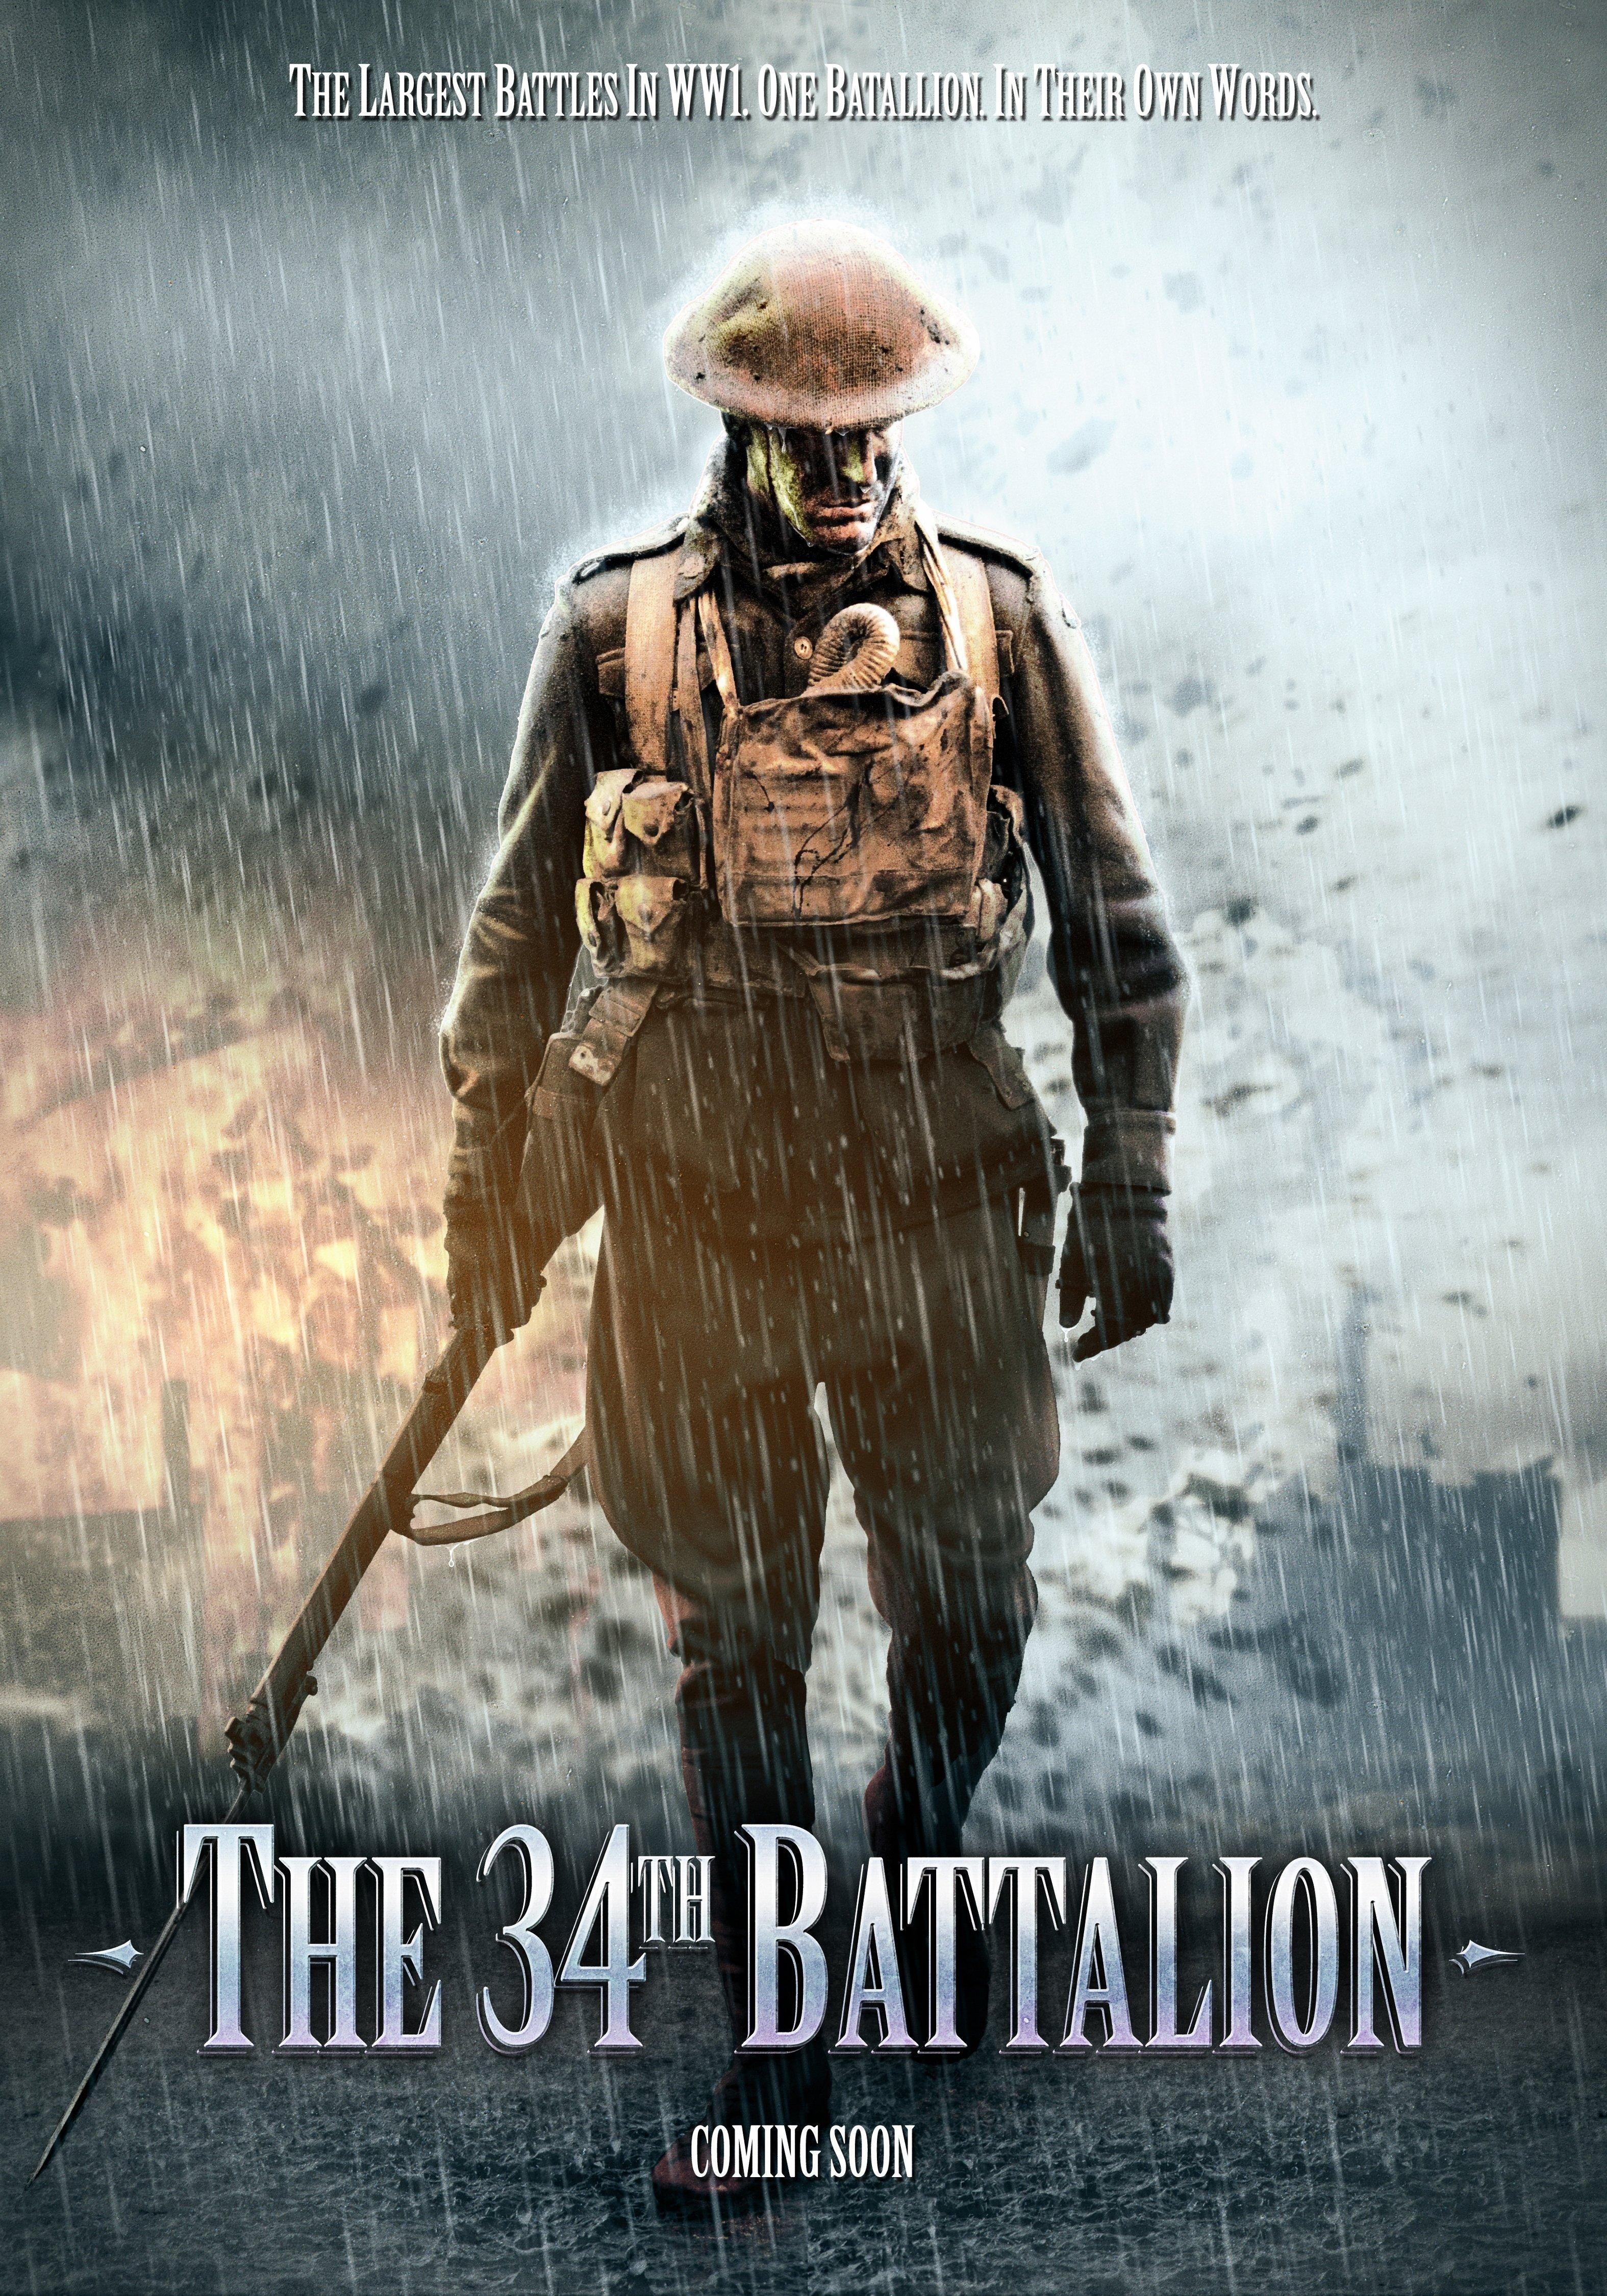 34th Battalion - 2018 film 47